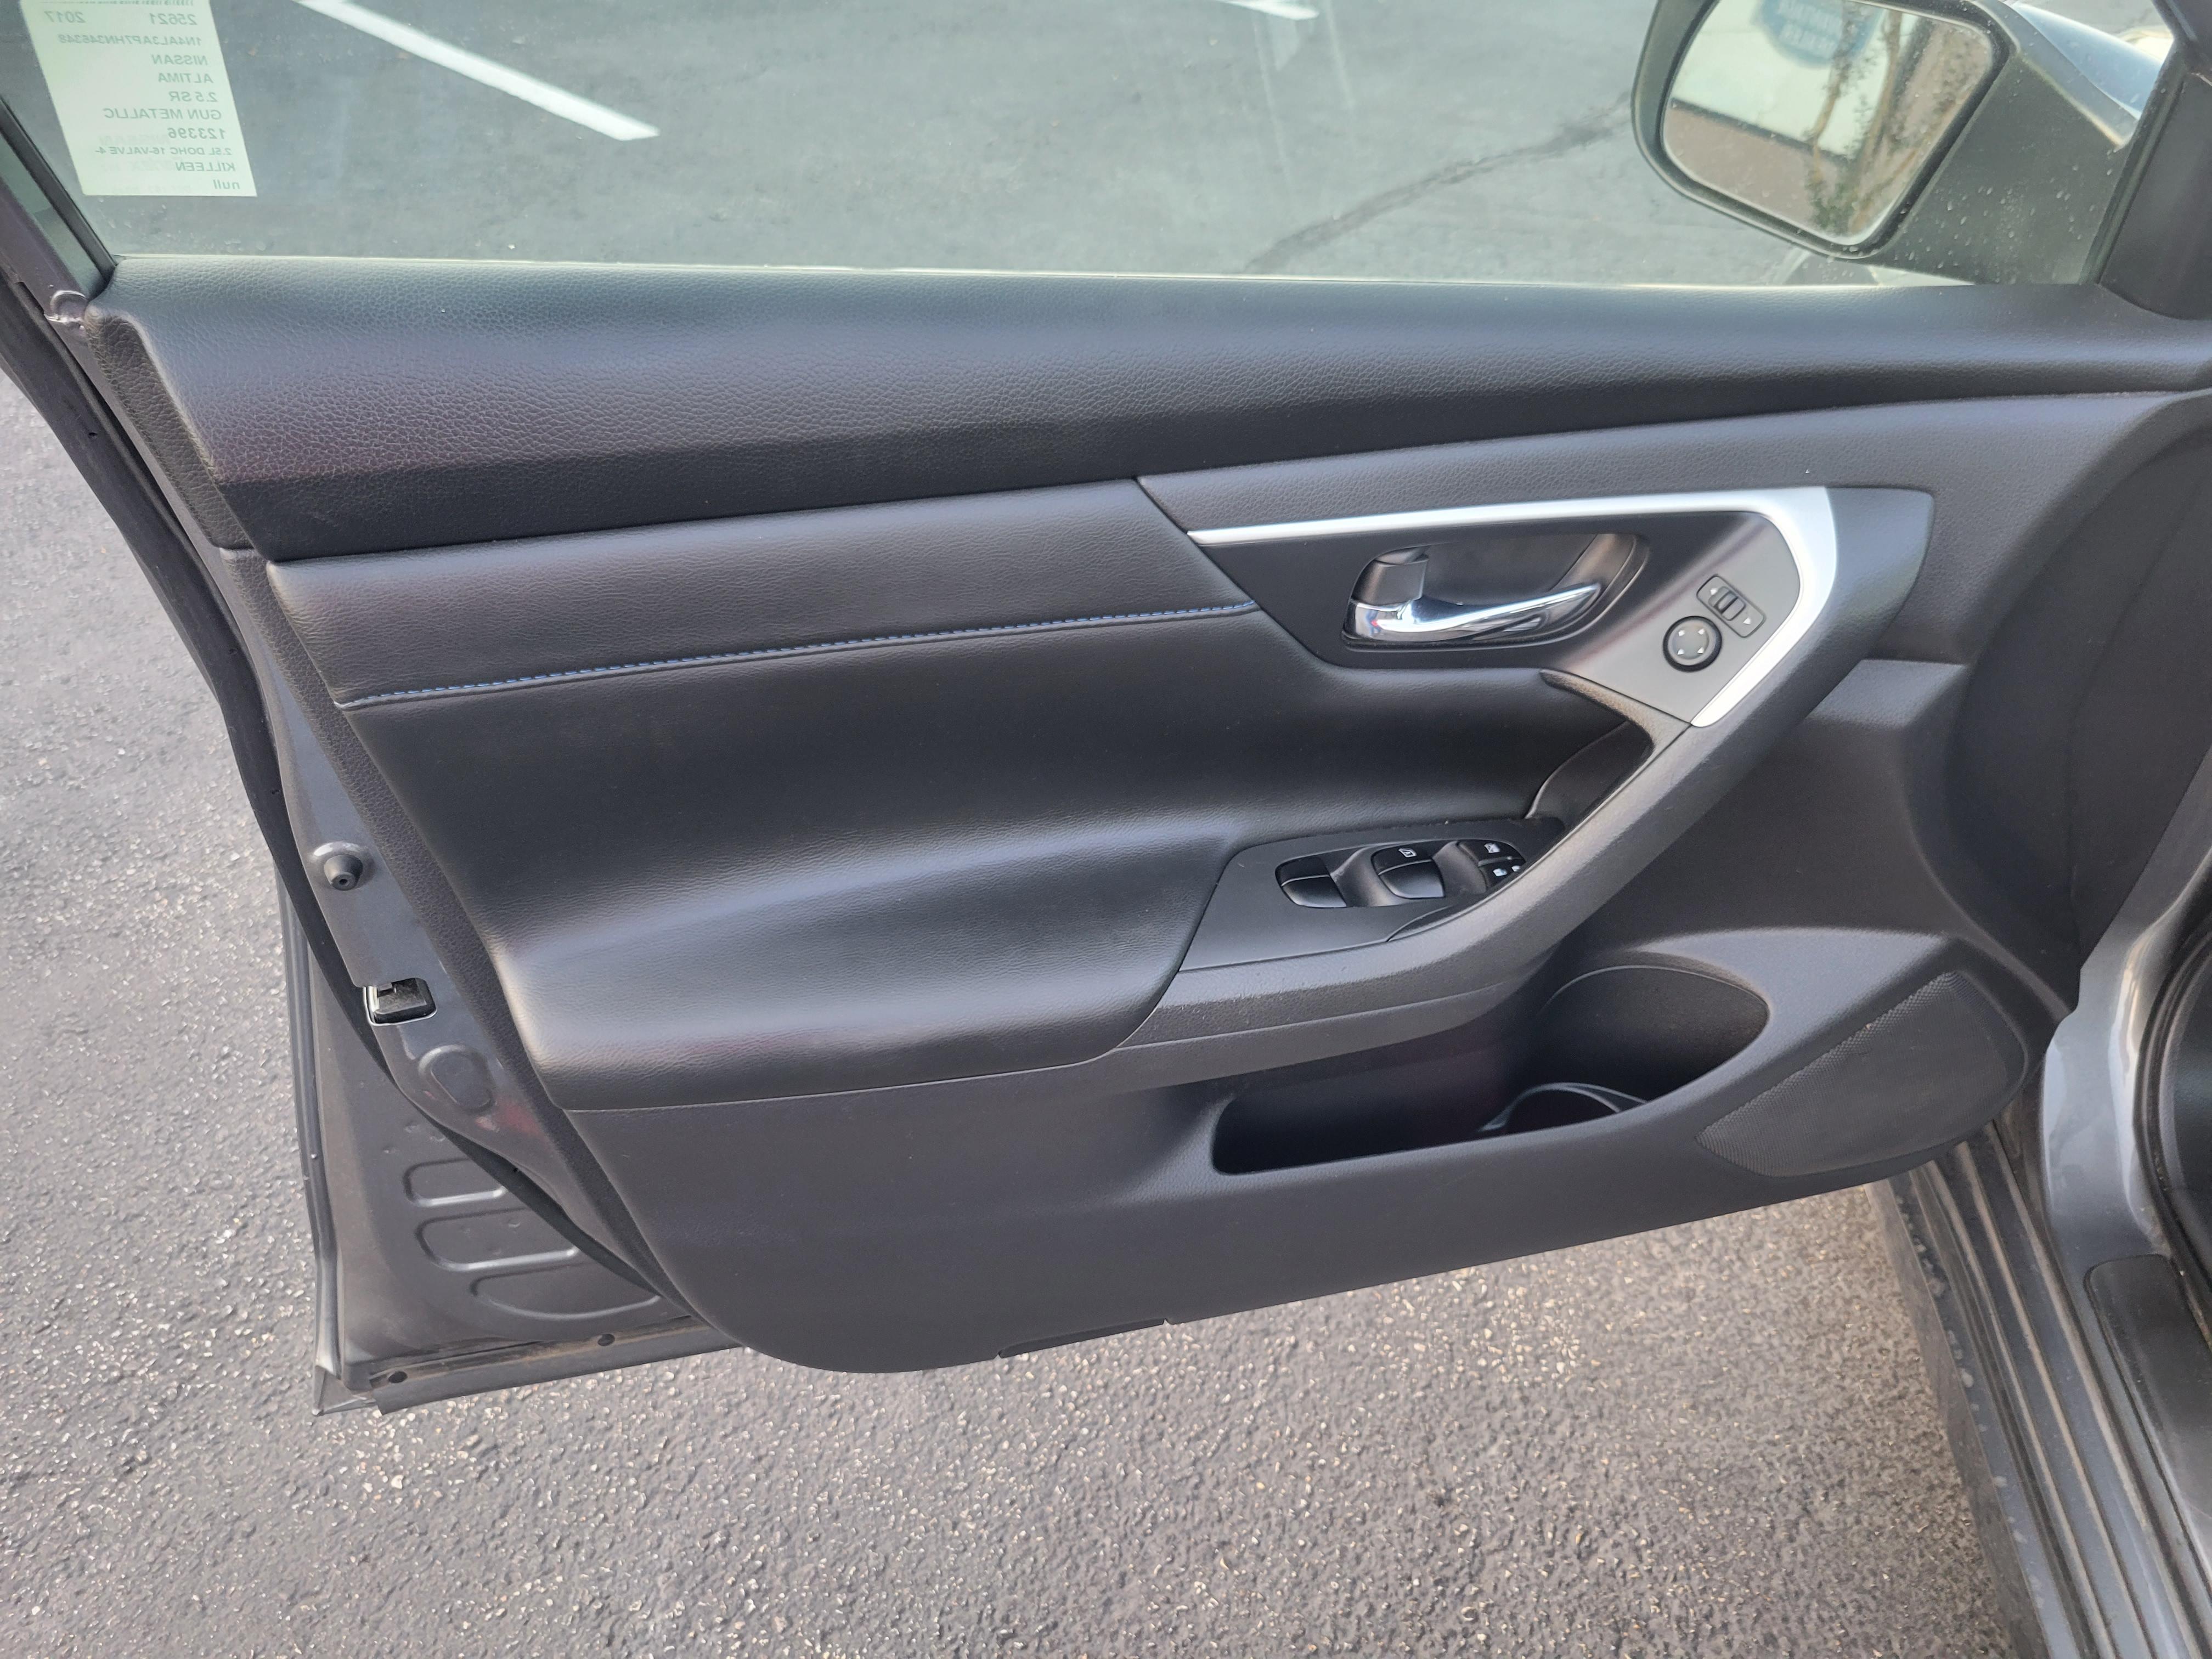 used vehicle - Sedan NISSAN ALTIMA 2017